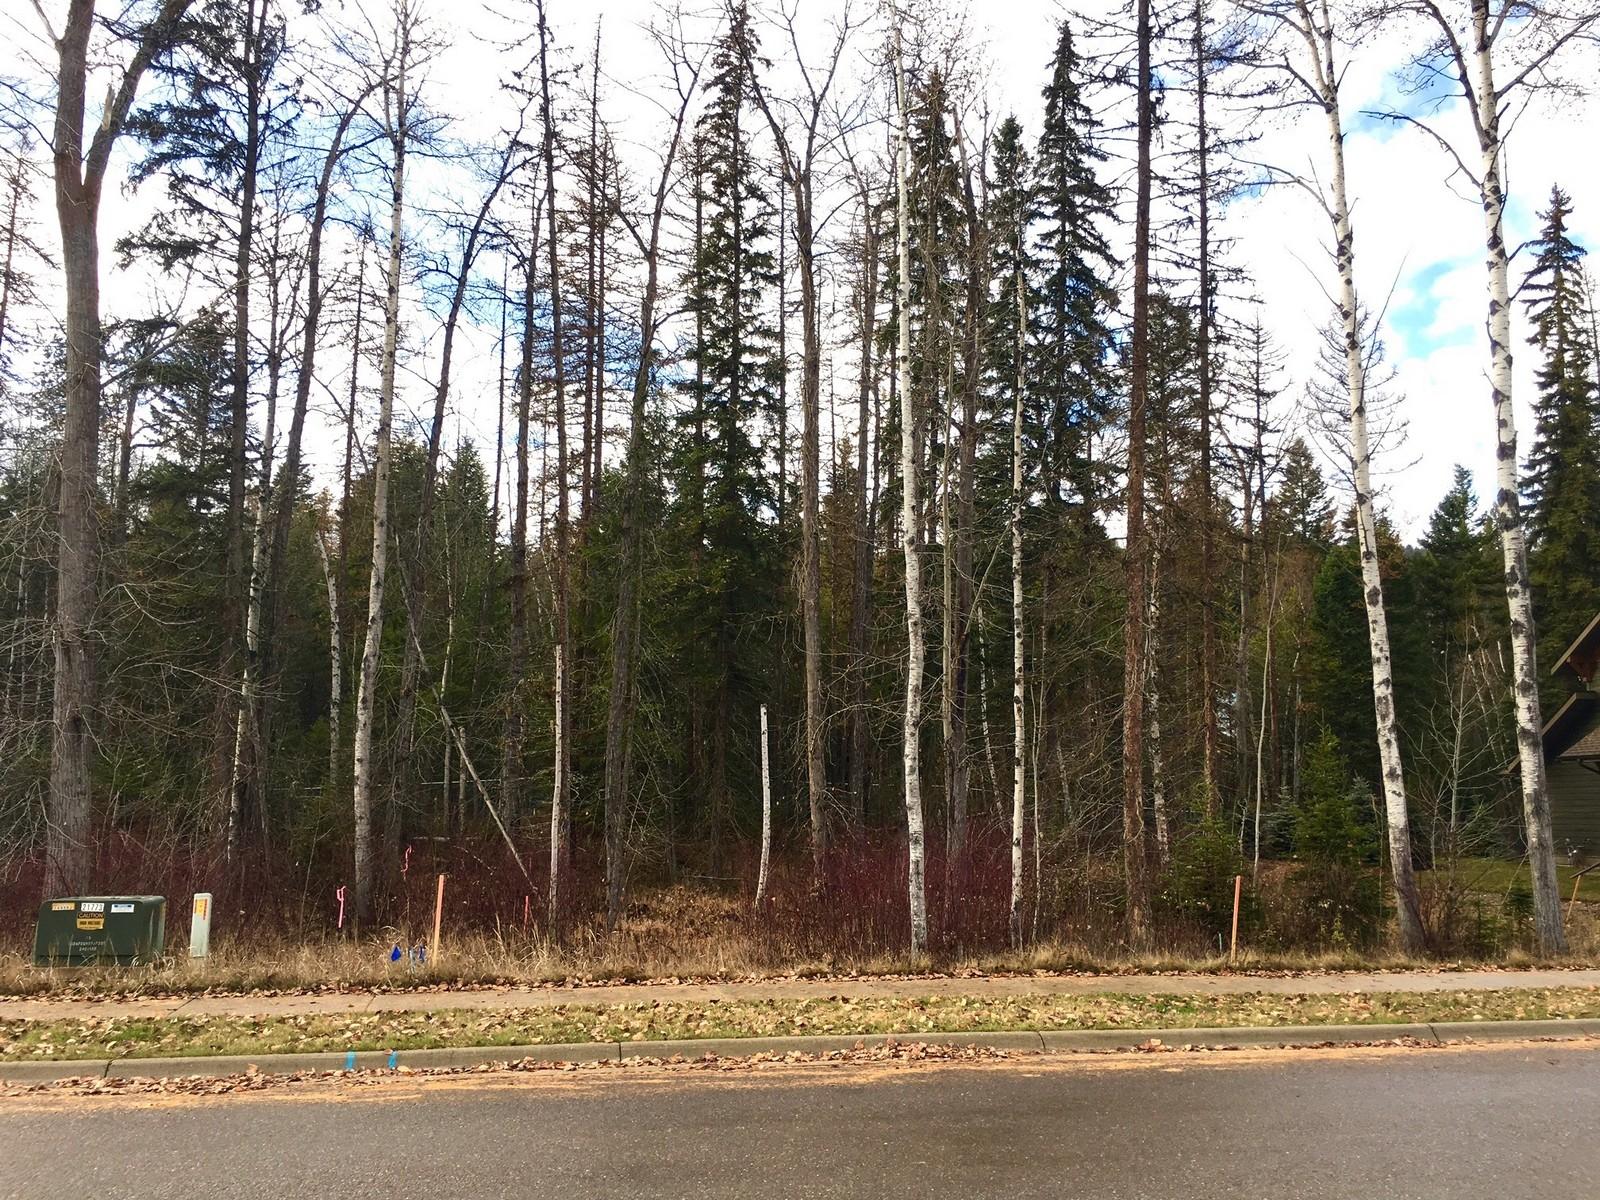 Terreno por un Venta en 1050 Meadowlark Ln , Whitefish, MT 59937 1050 Meadowlark Ln Whitefish, Montana, 59937 Estados Unidos